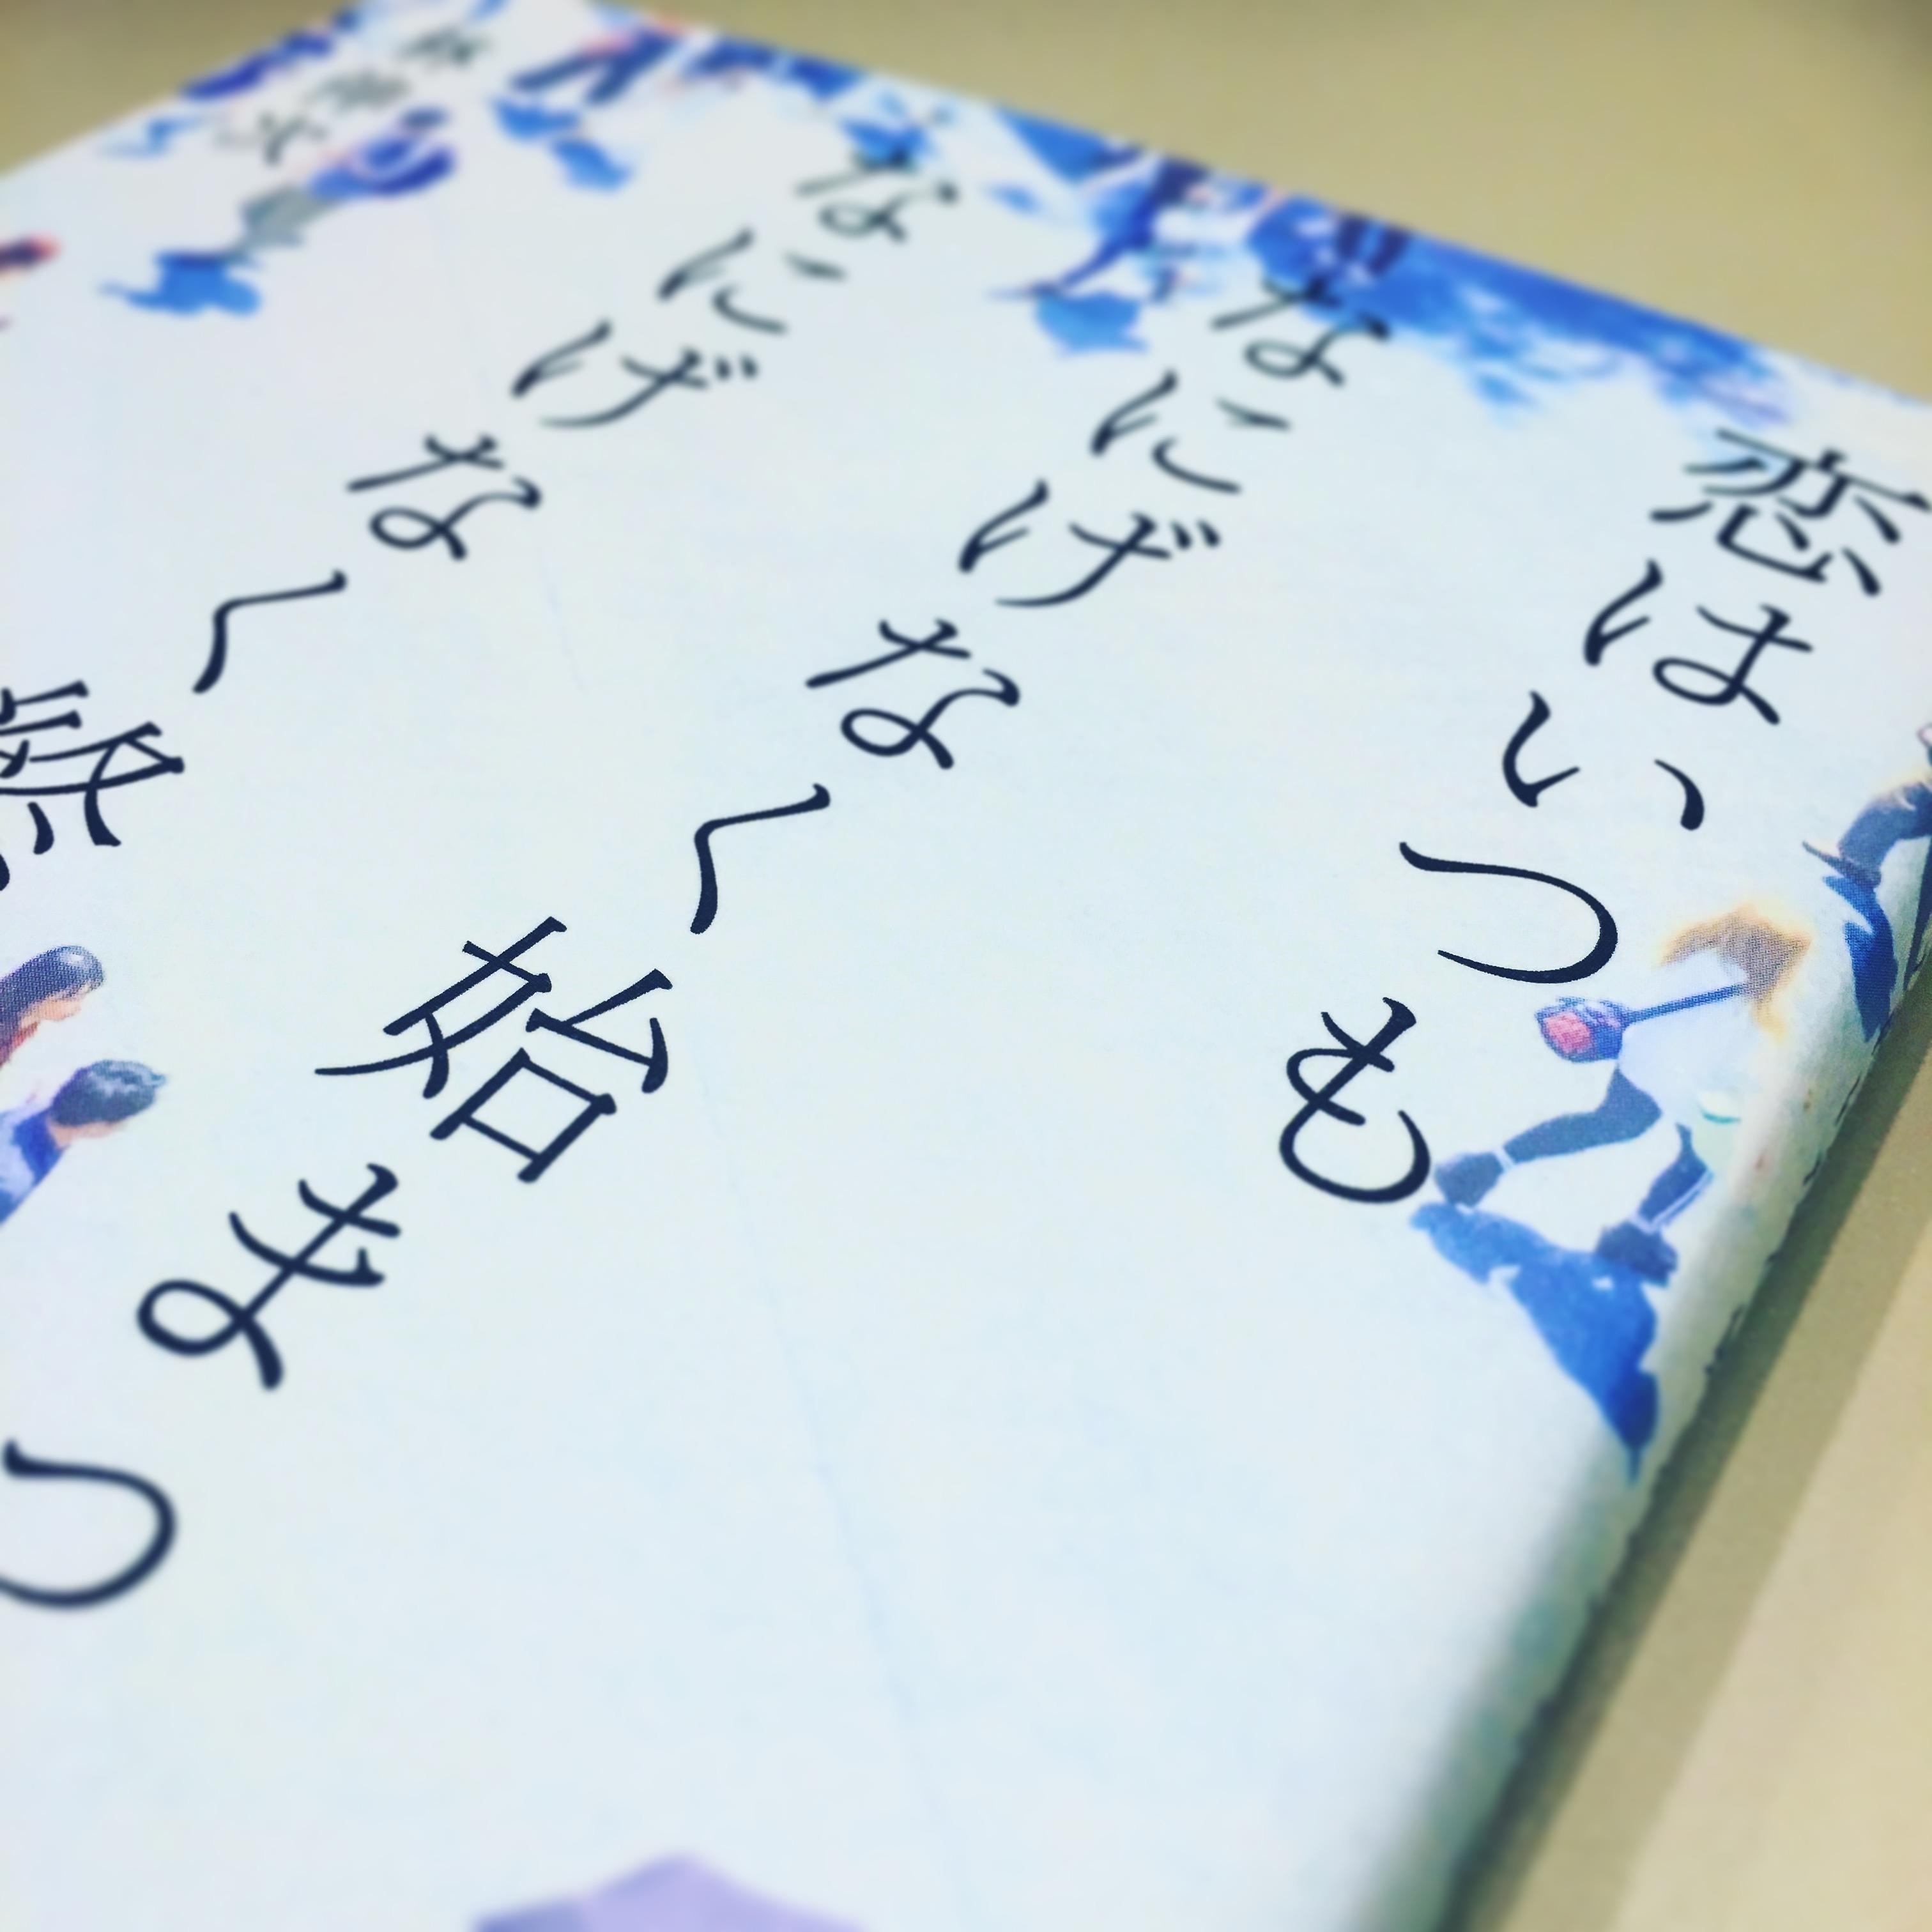 【小説】恋はいつもなにげなく始まってなにげなく終わる